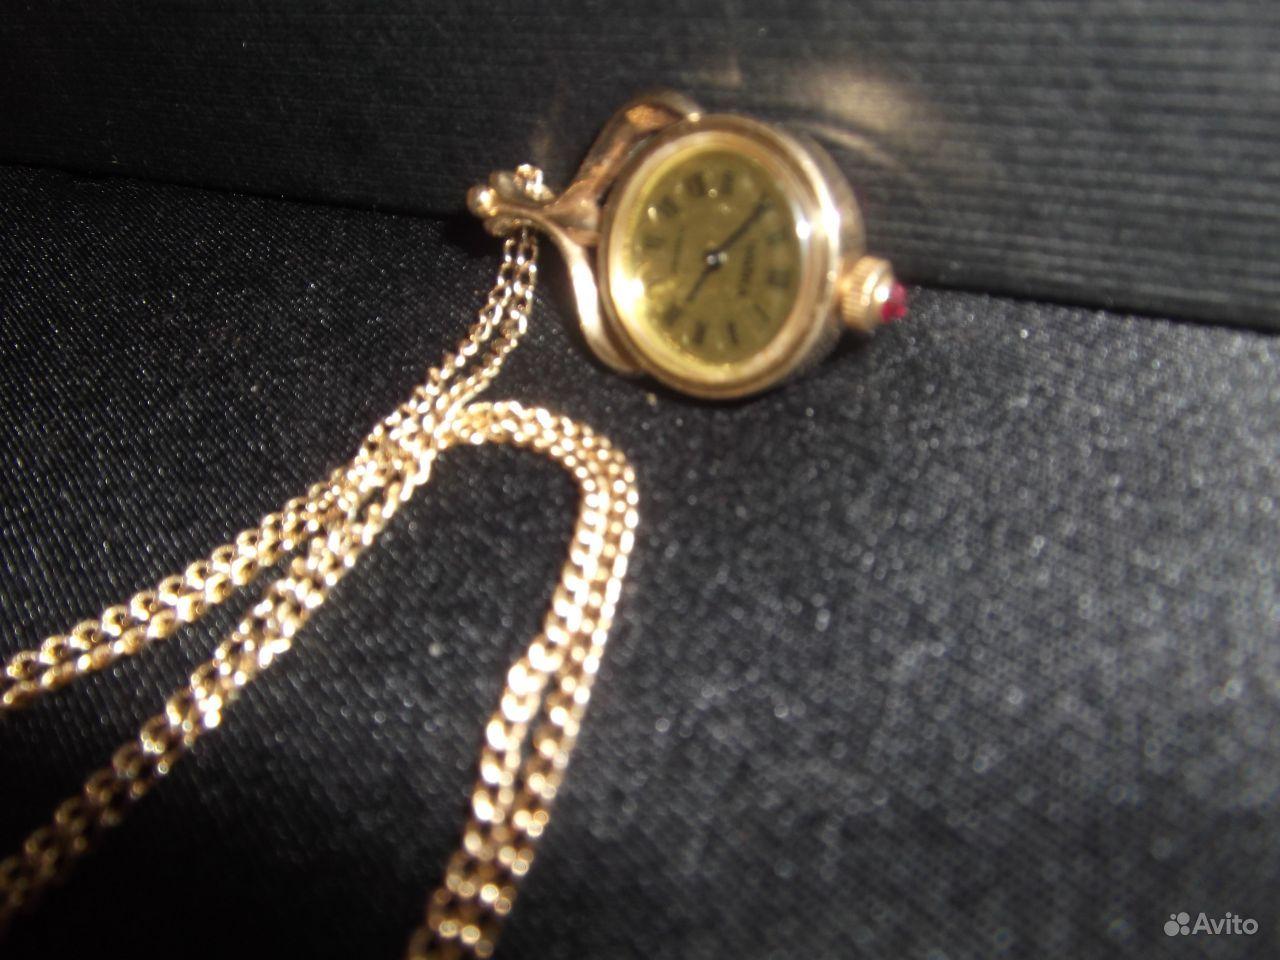 Часы чайка 17 камней цена женские позолоченные 92